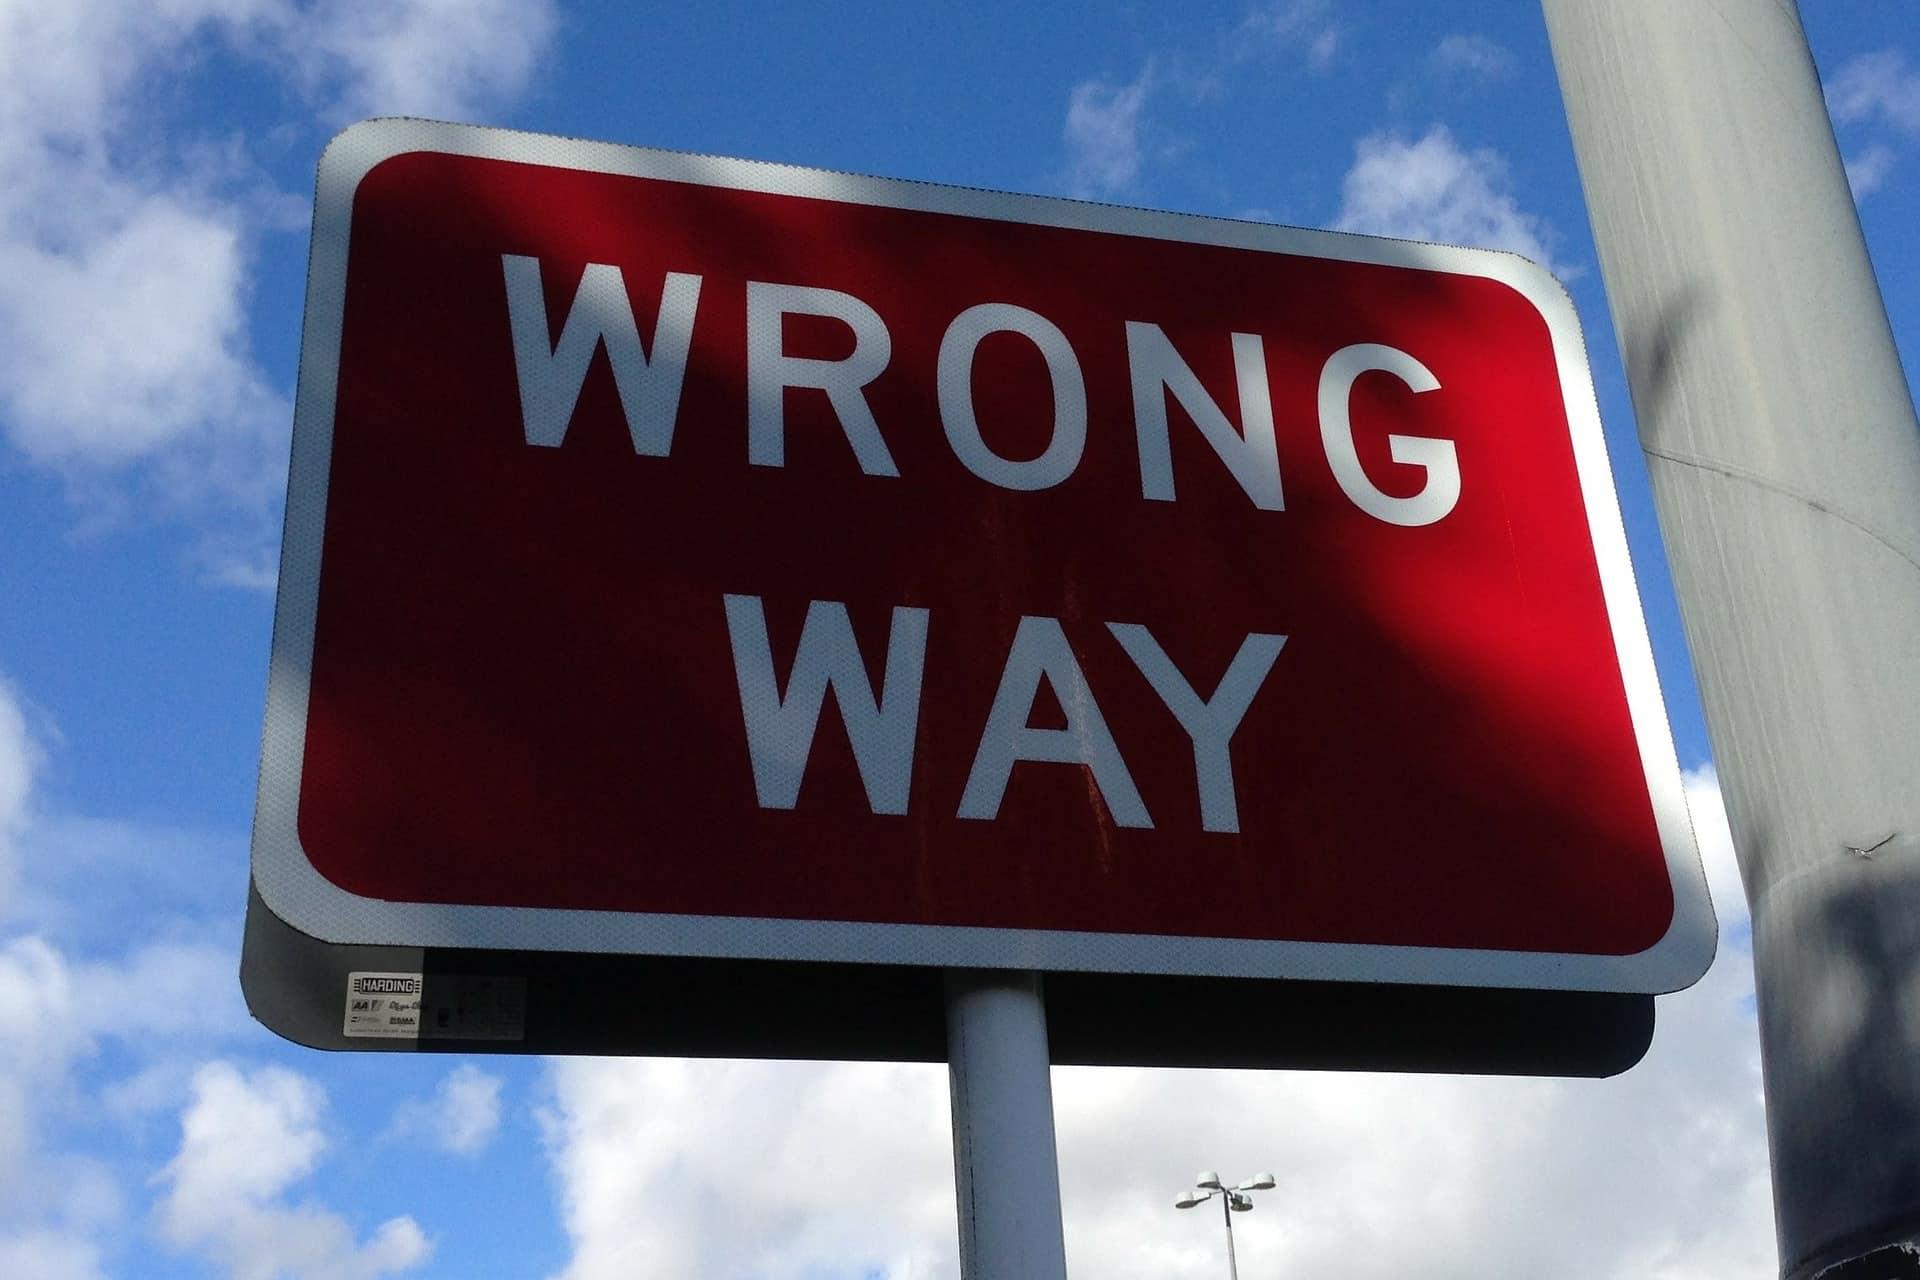 wrong way car accidents lawyer phoenix az